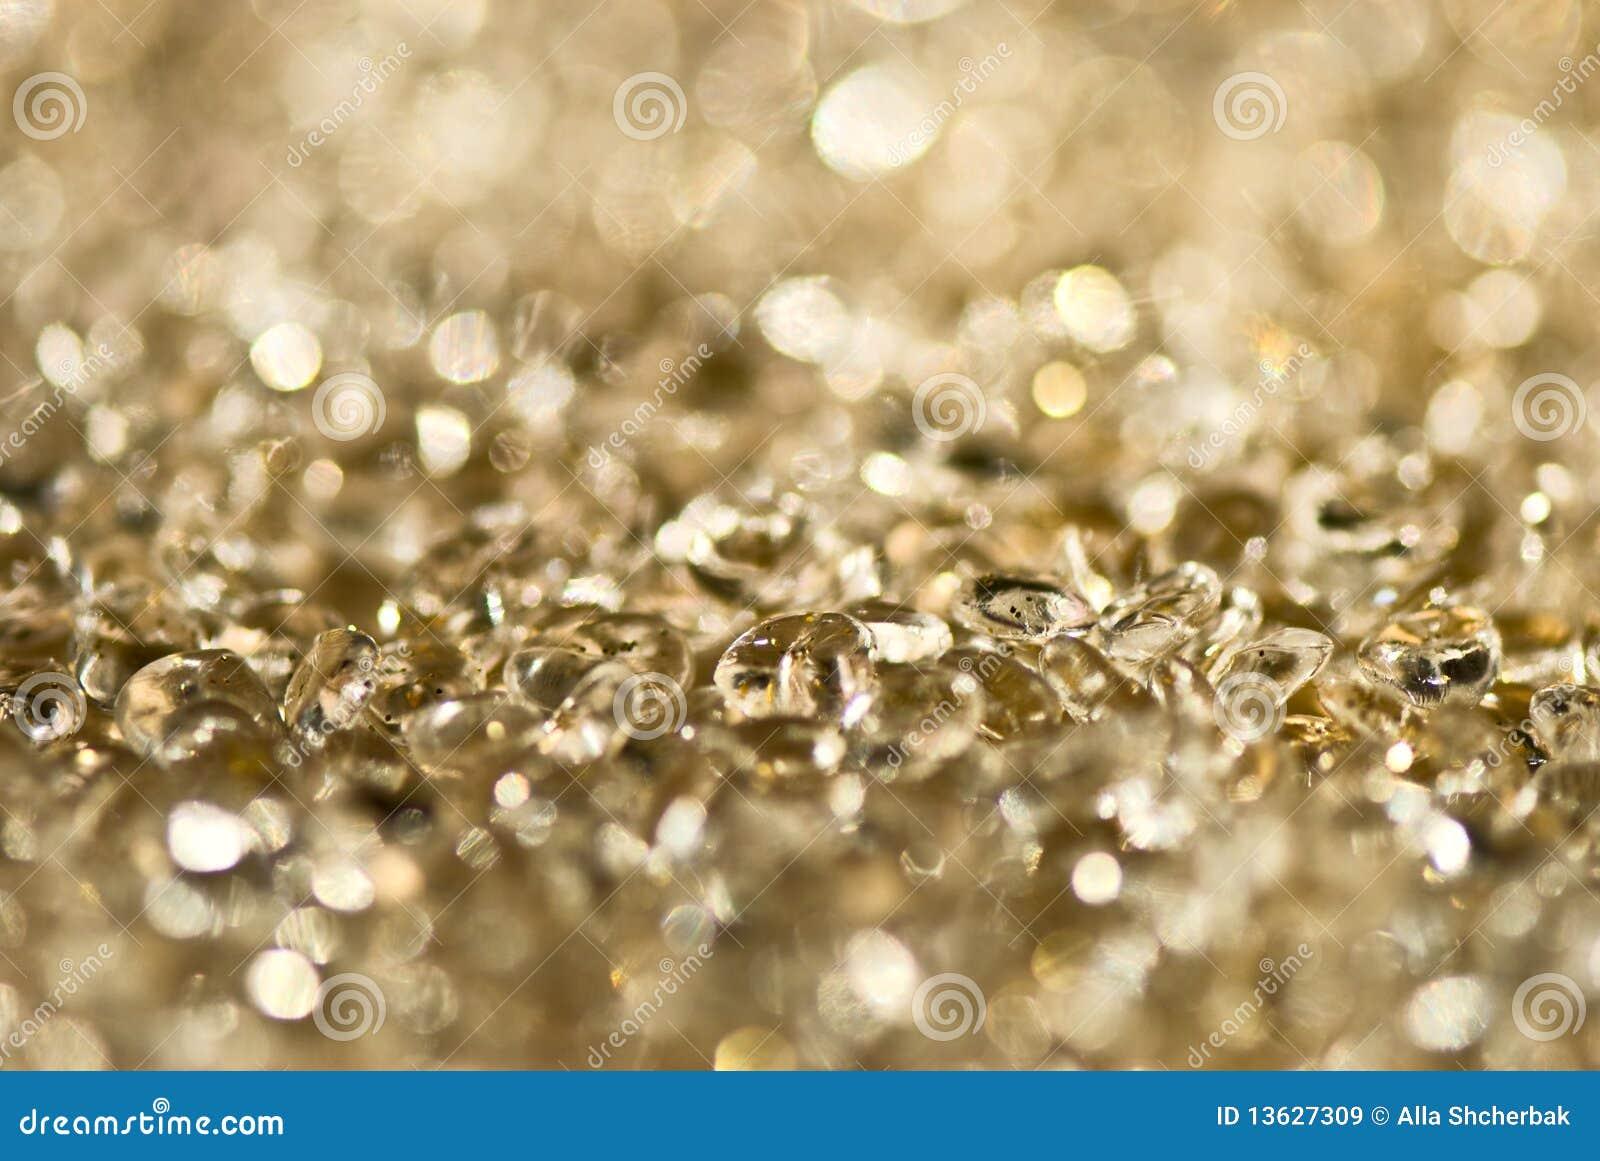 Tła złoto